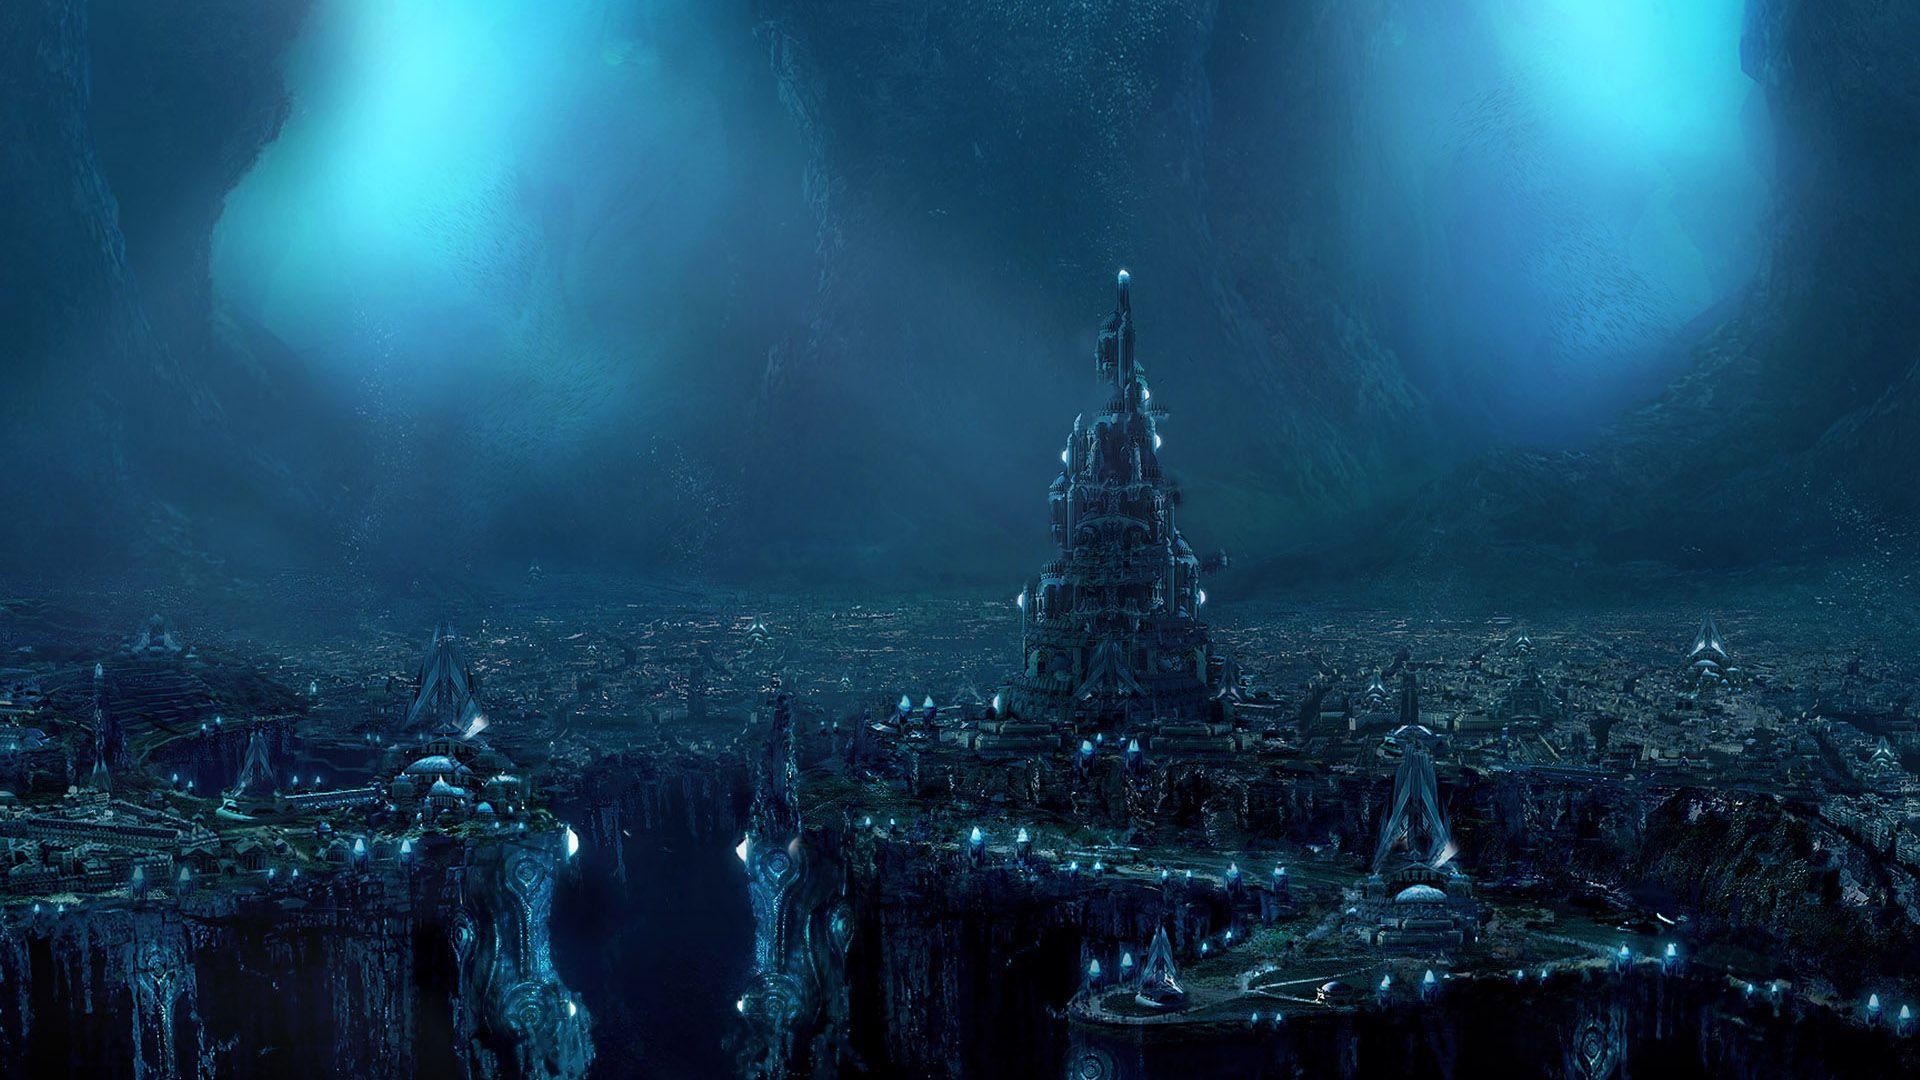 3D Fantasy Places